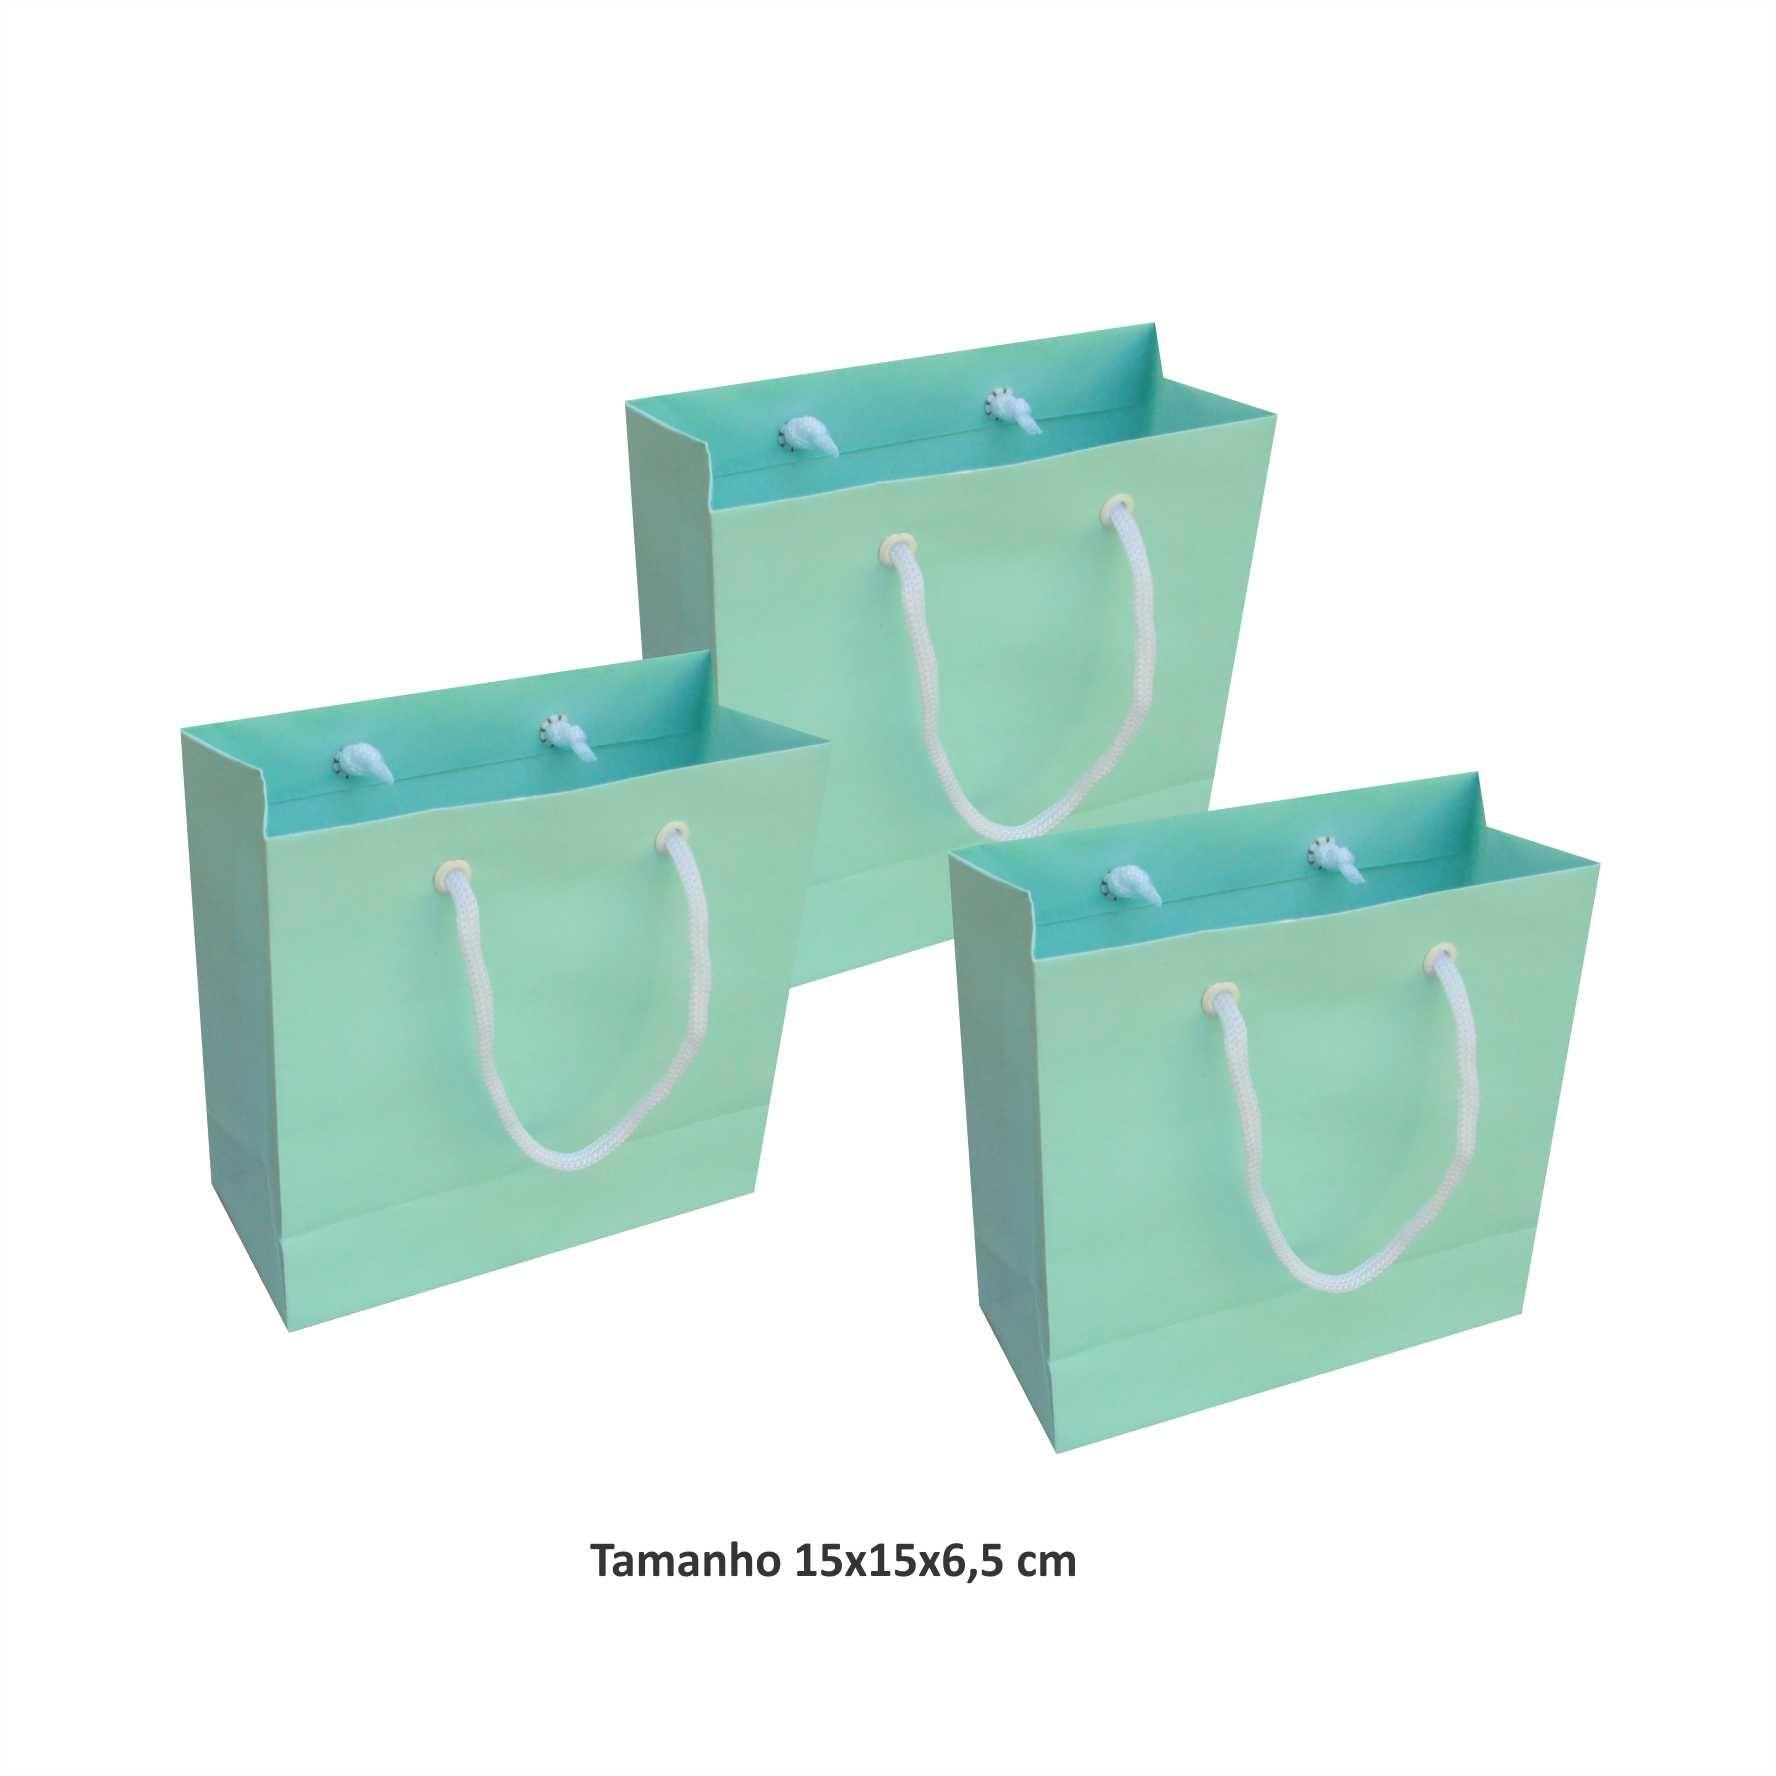 Sacola de papel Pequena (15x15x6,5 cm) azul tiffany - 10 unidades